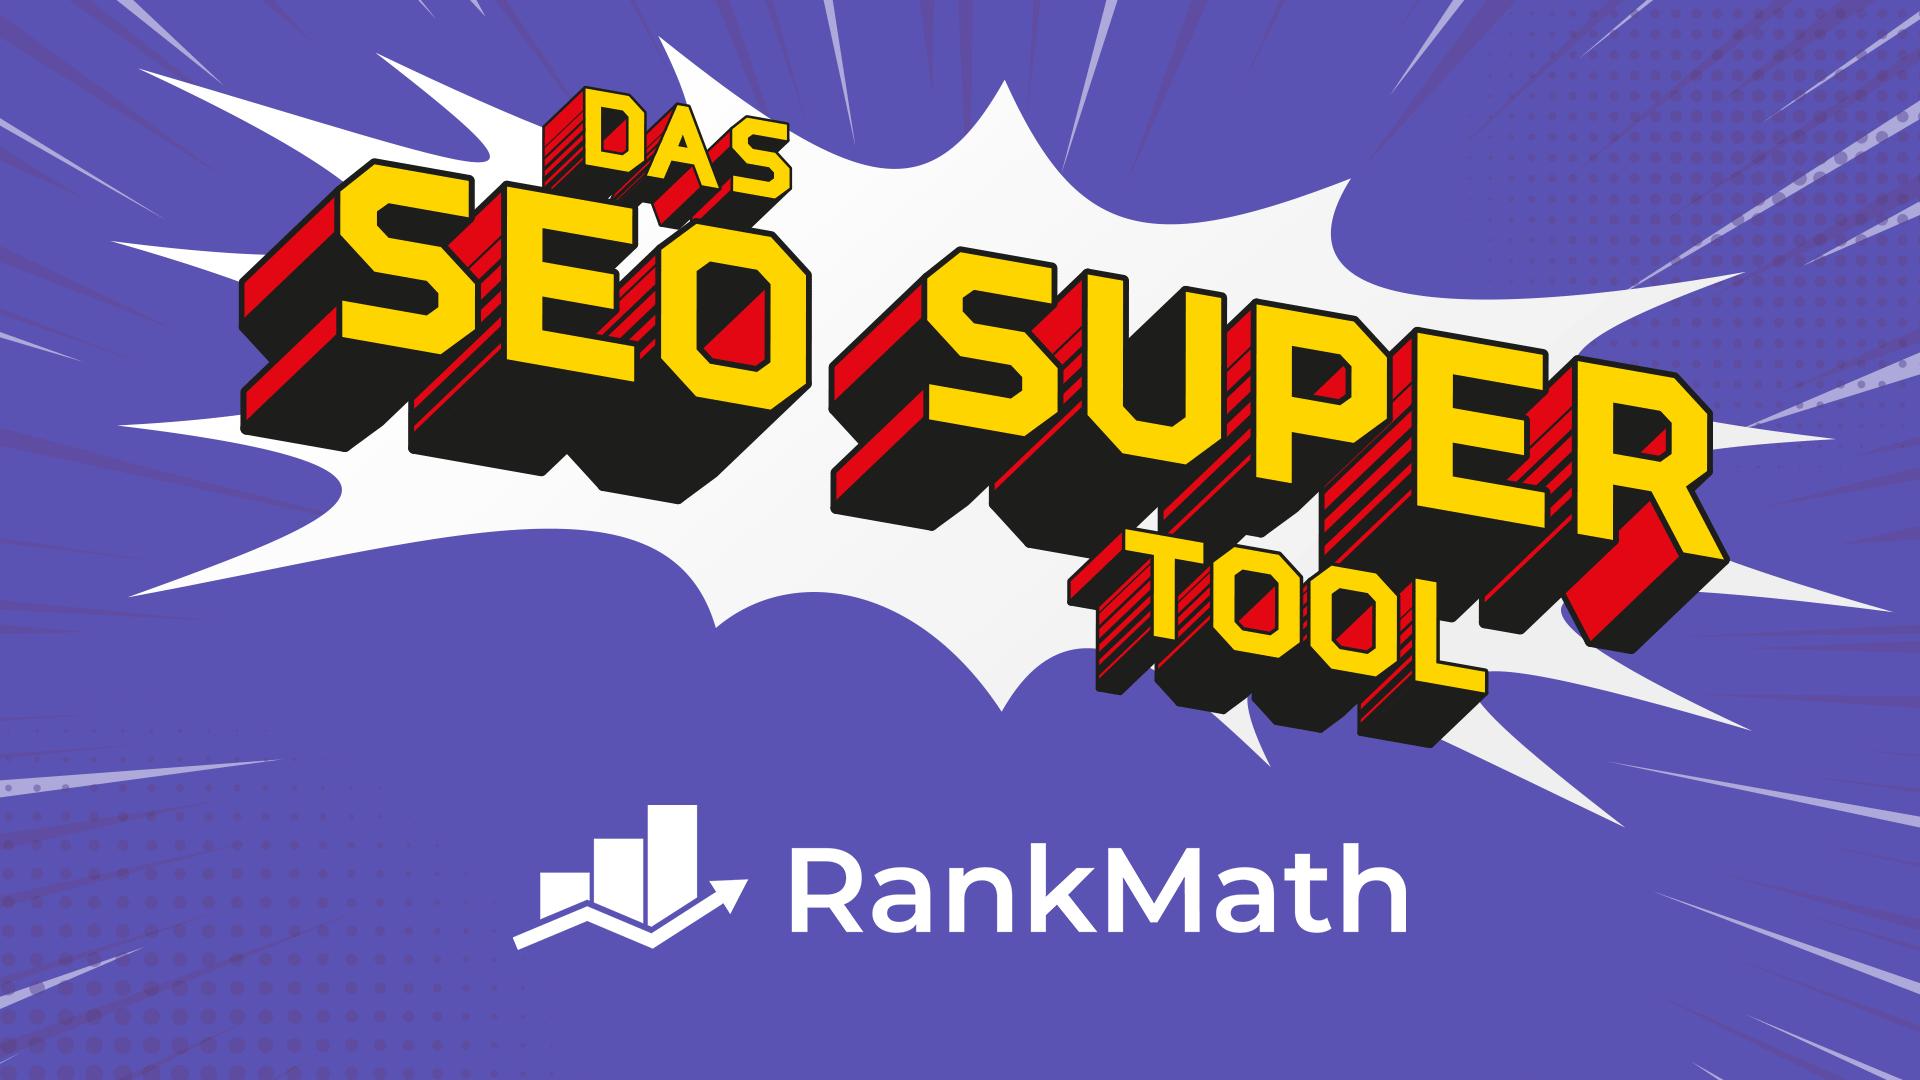 Rank Math - Das SEO Super Tool